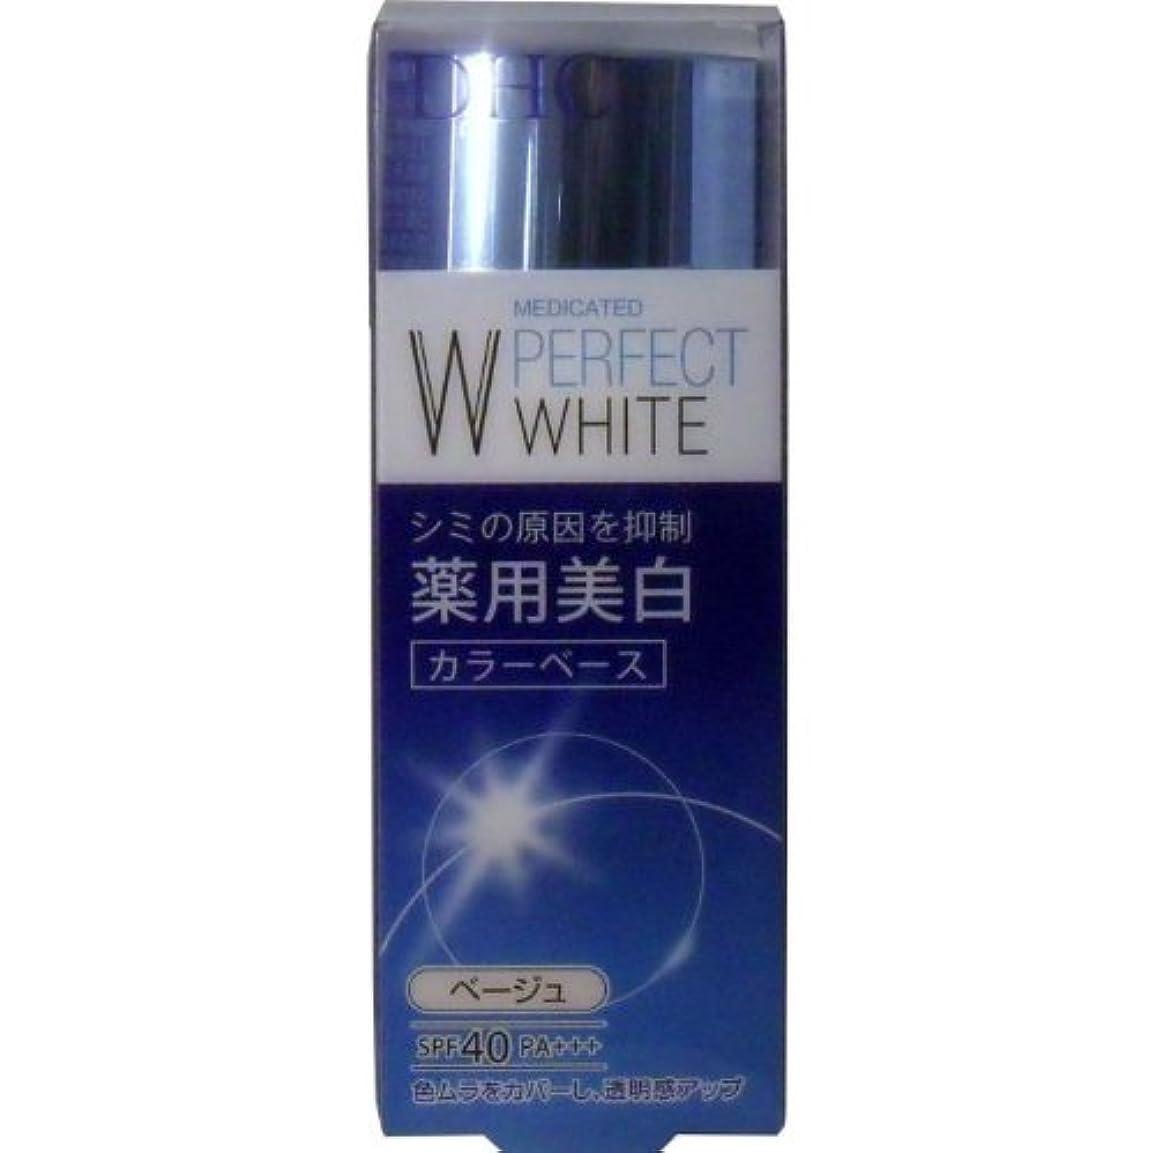 八百屋コインランドリー実際のDHC 薬用美白パーフェクトホワイト カラーベース ベージュ 30g